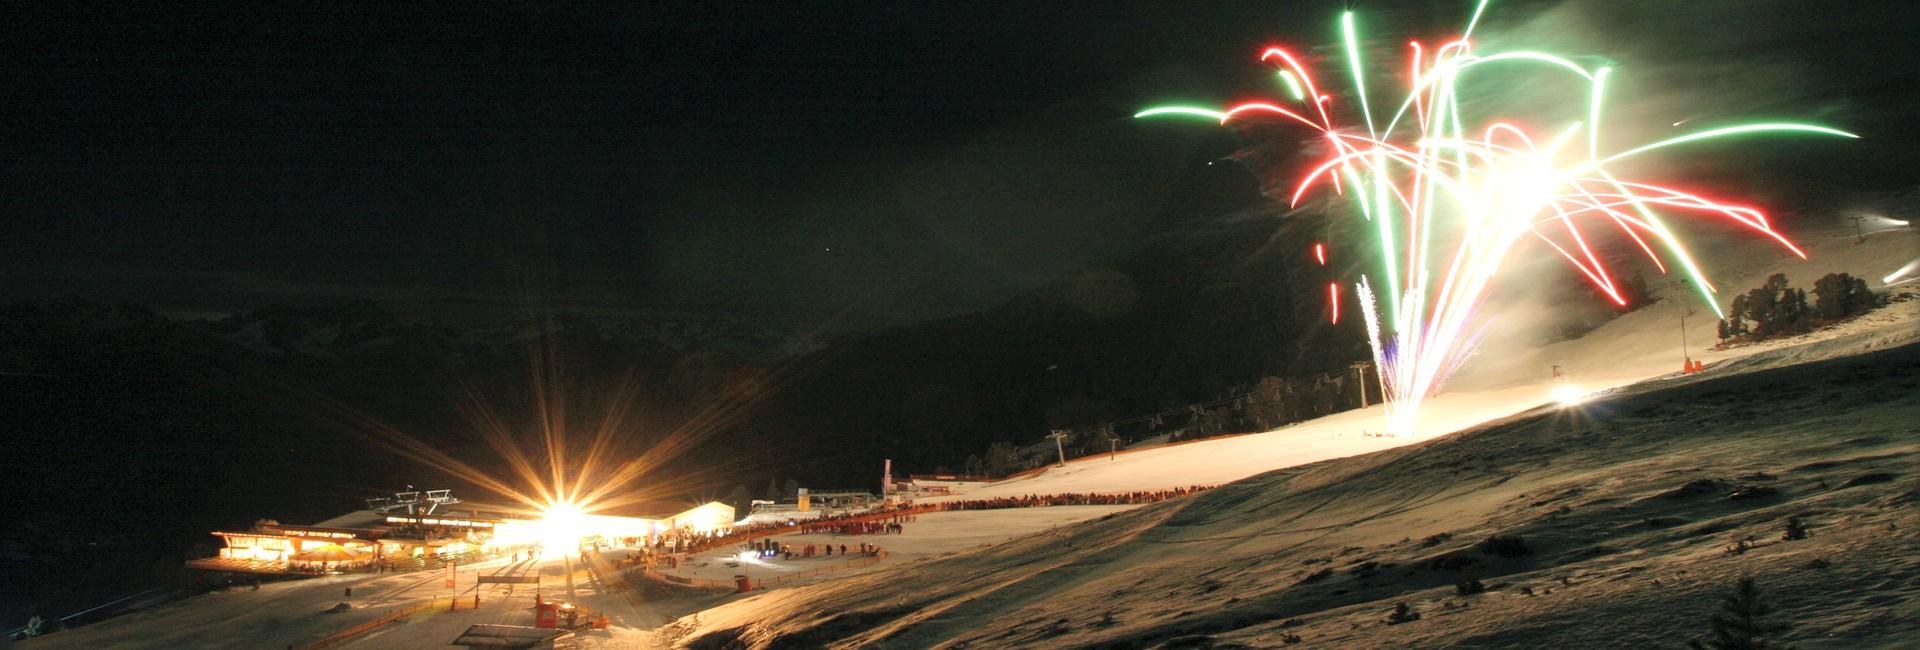 Vorsilvester Party im Hochzeiger Skigebiet